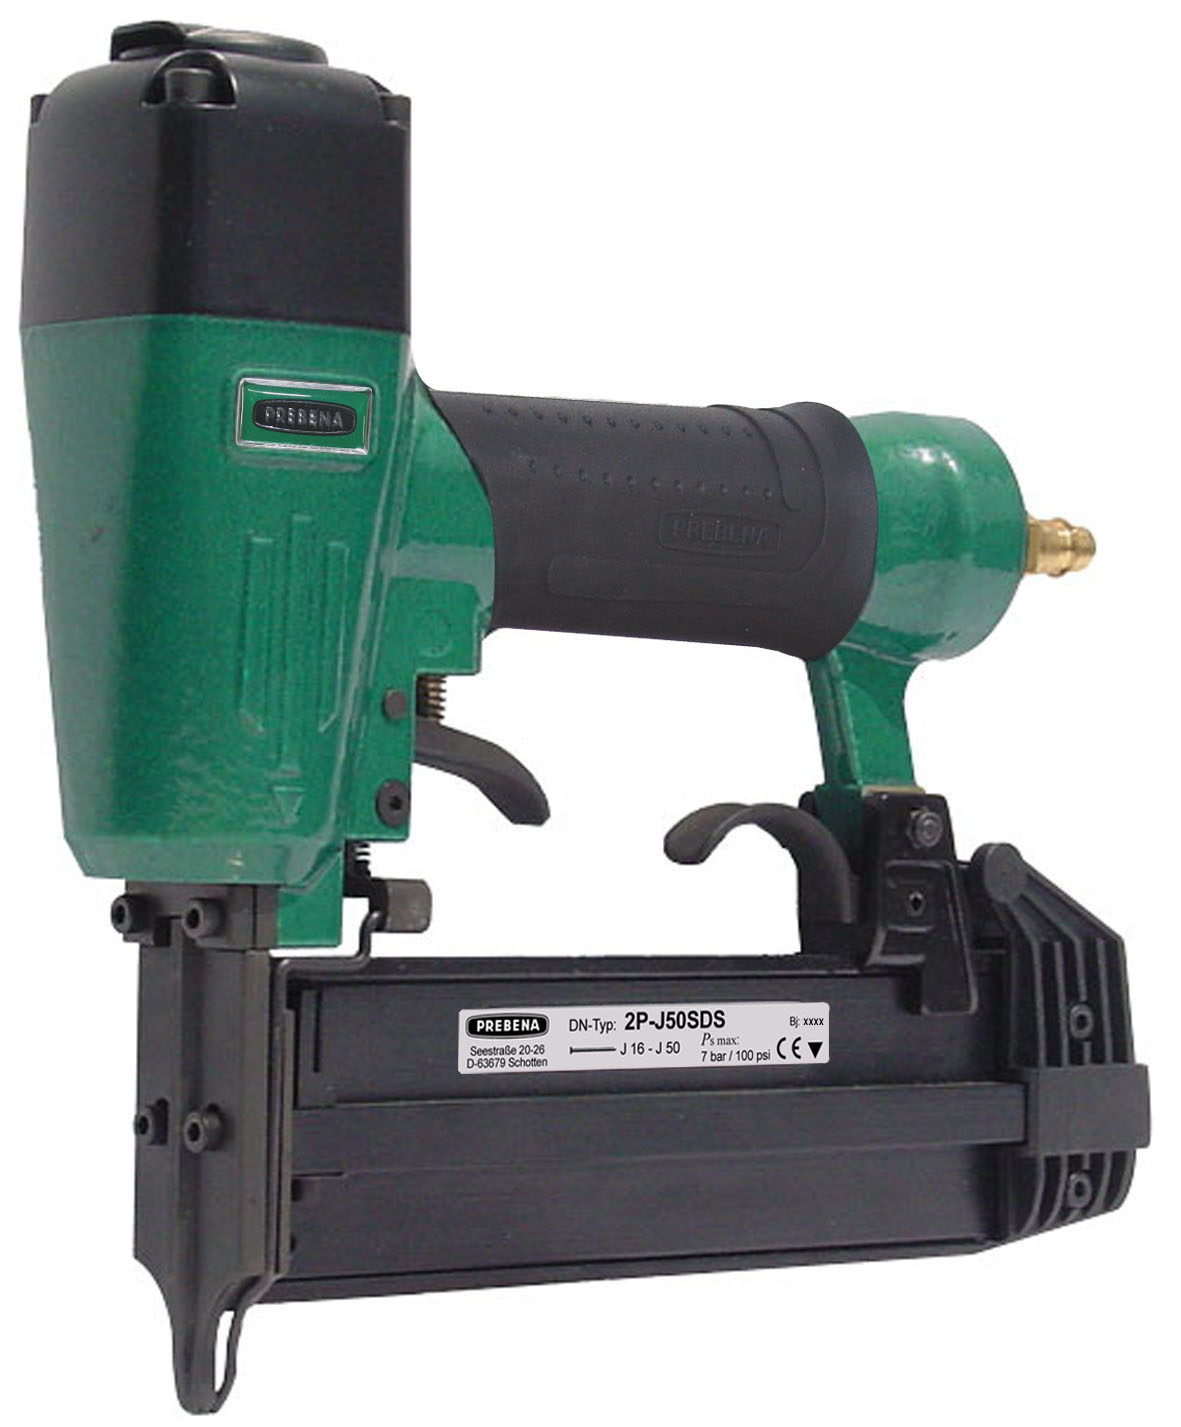 2P-J50SDS Druckluftnagler